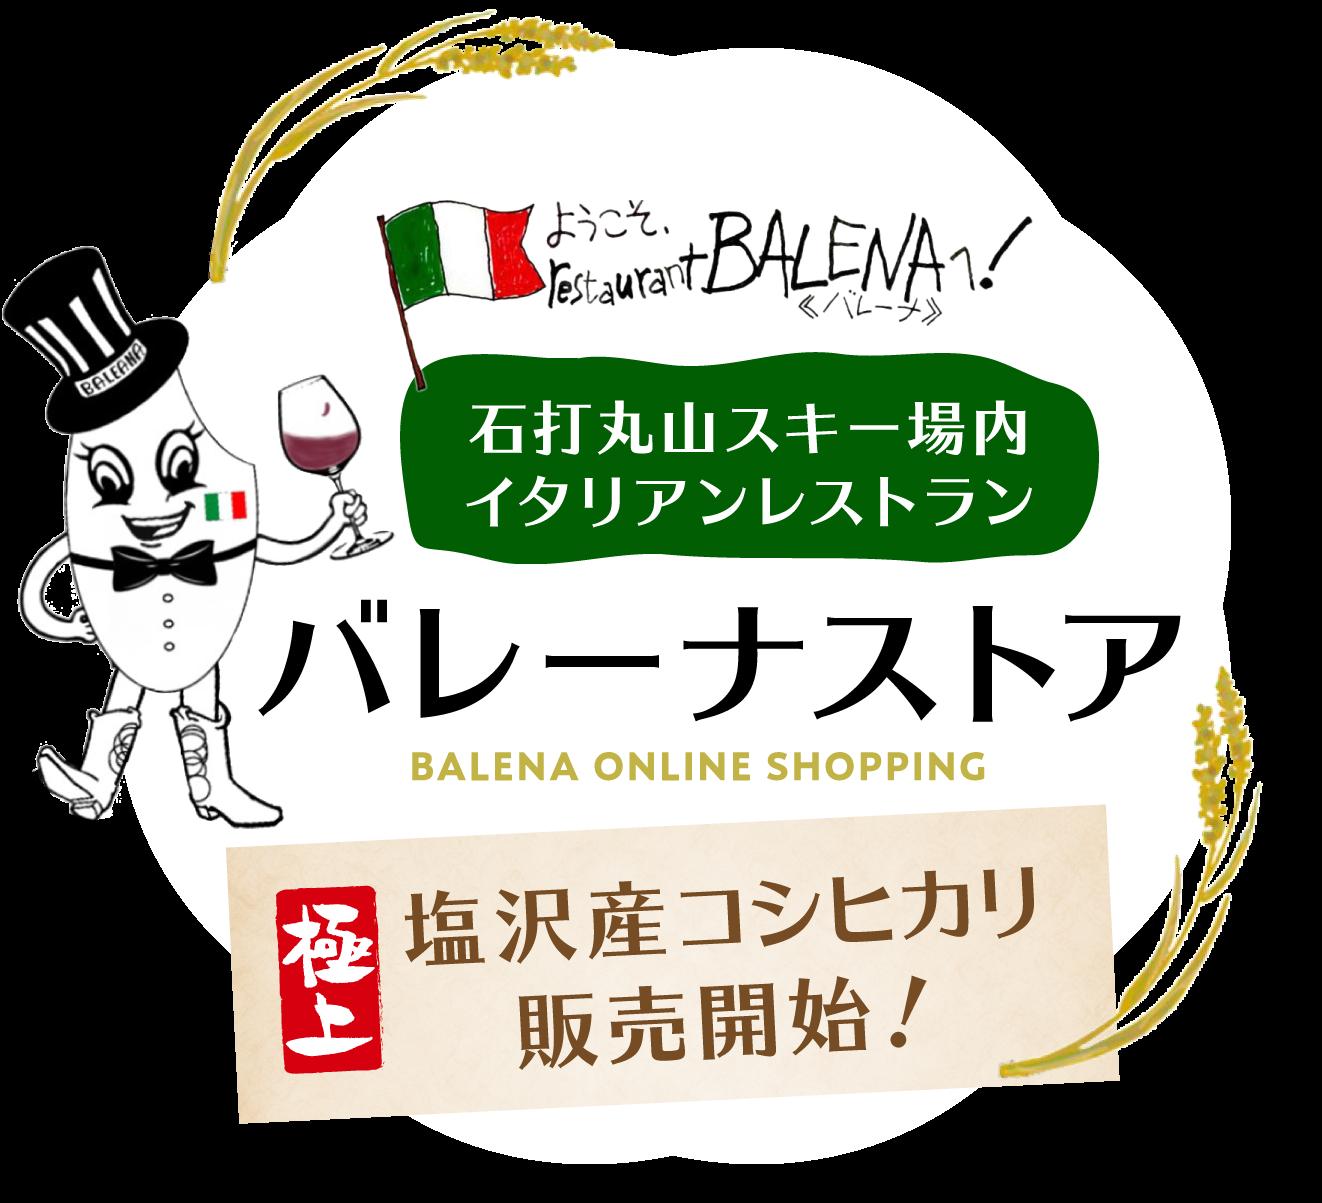 南魚沼塩沢産コシヒカリ『バレーナストア』|石打丸山スキー場レストランオーナーのお店